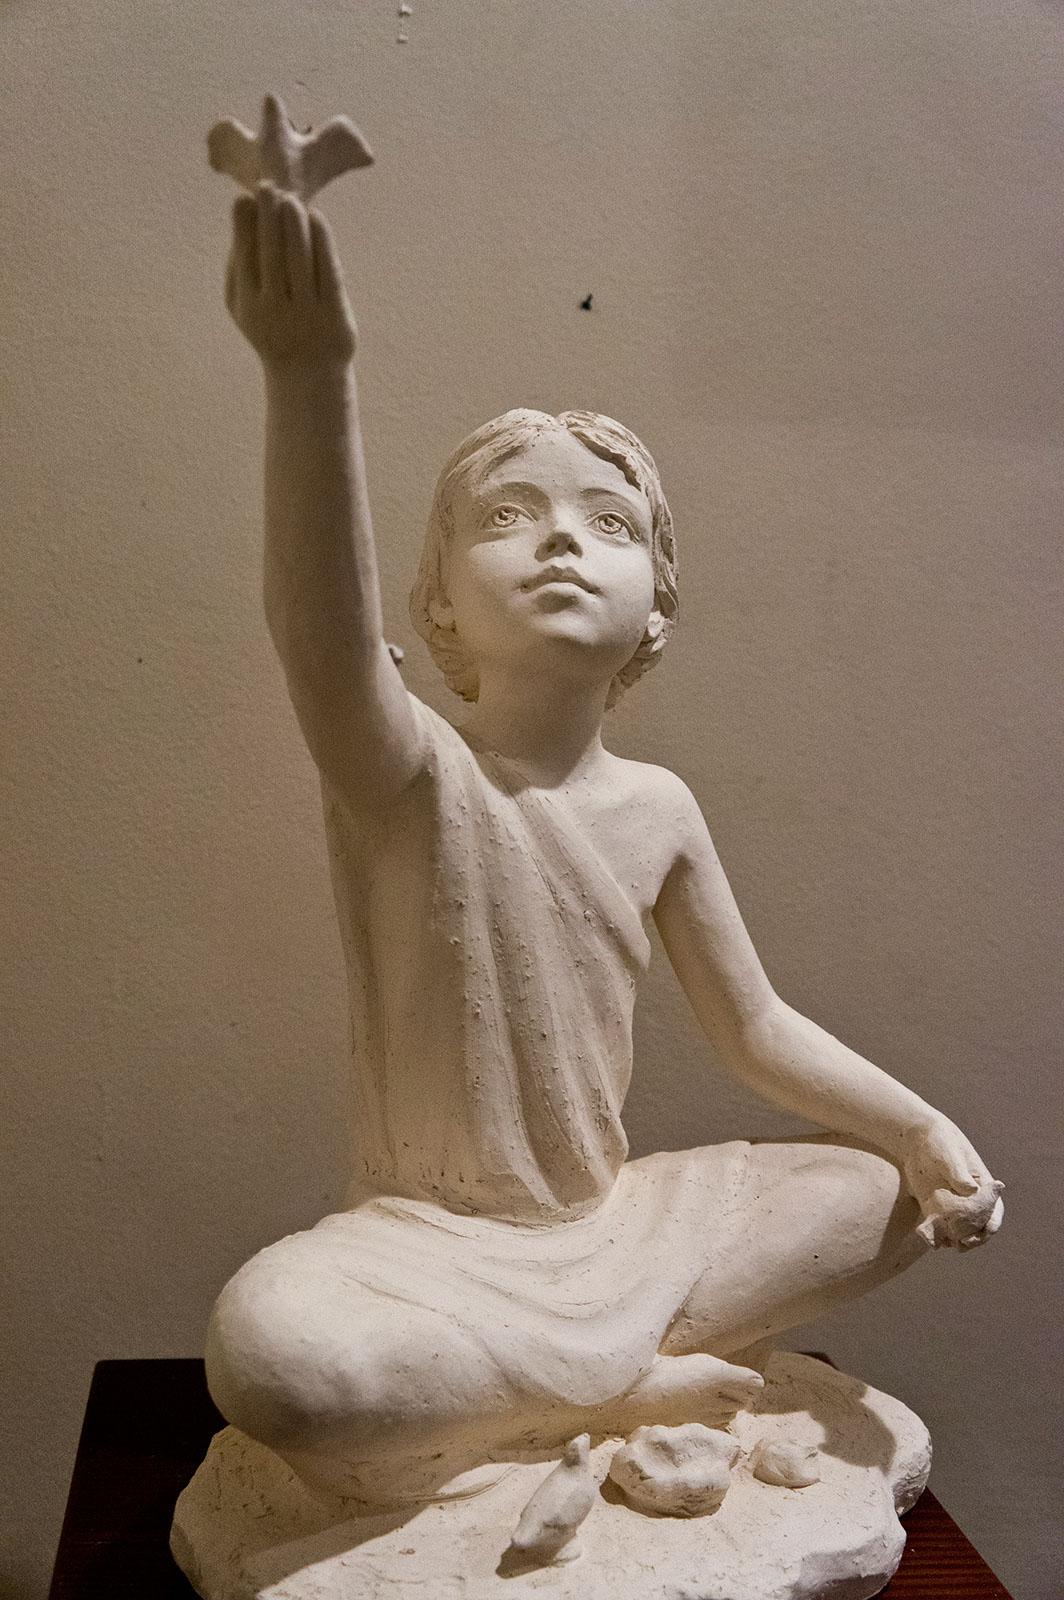 Фото №88762. Маленький Иисус. 2004. А.Леонов